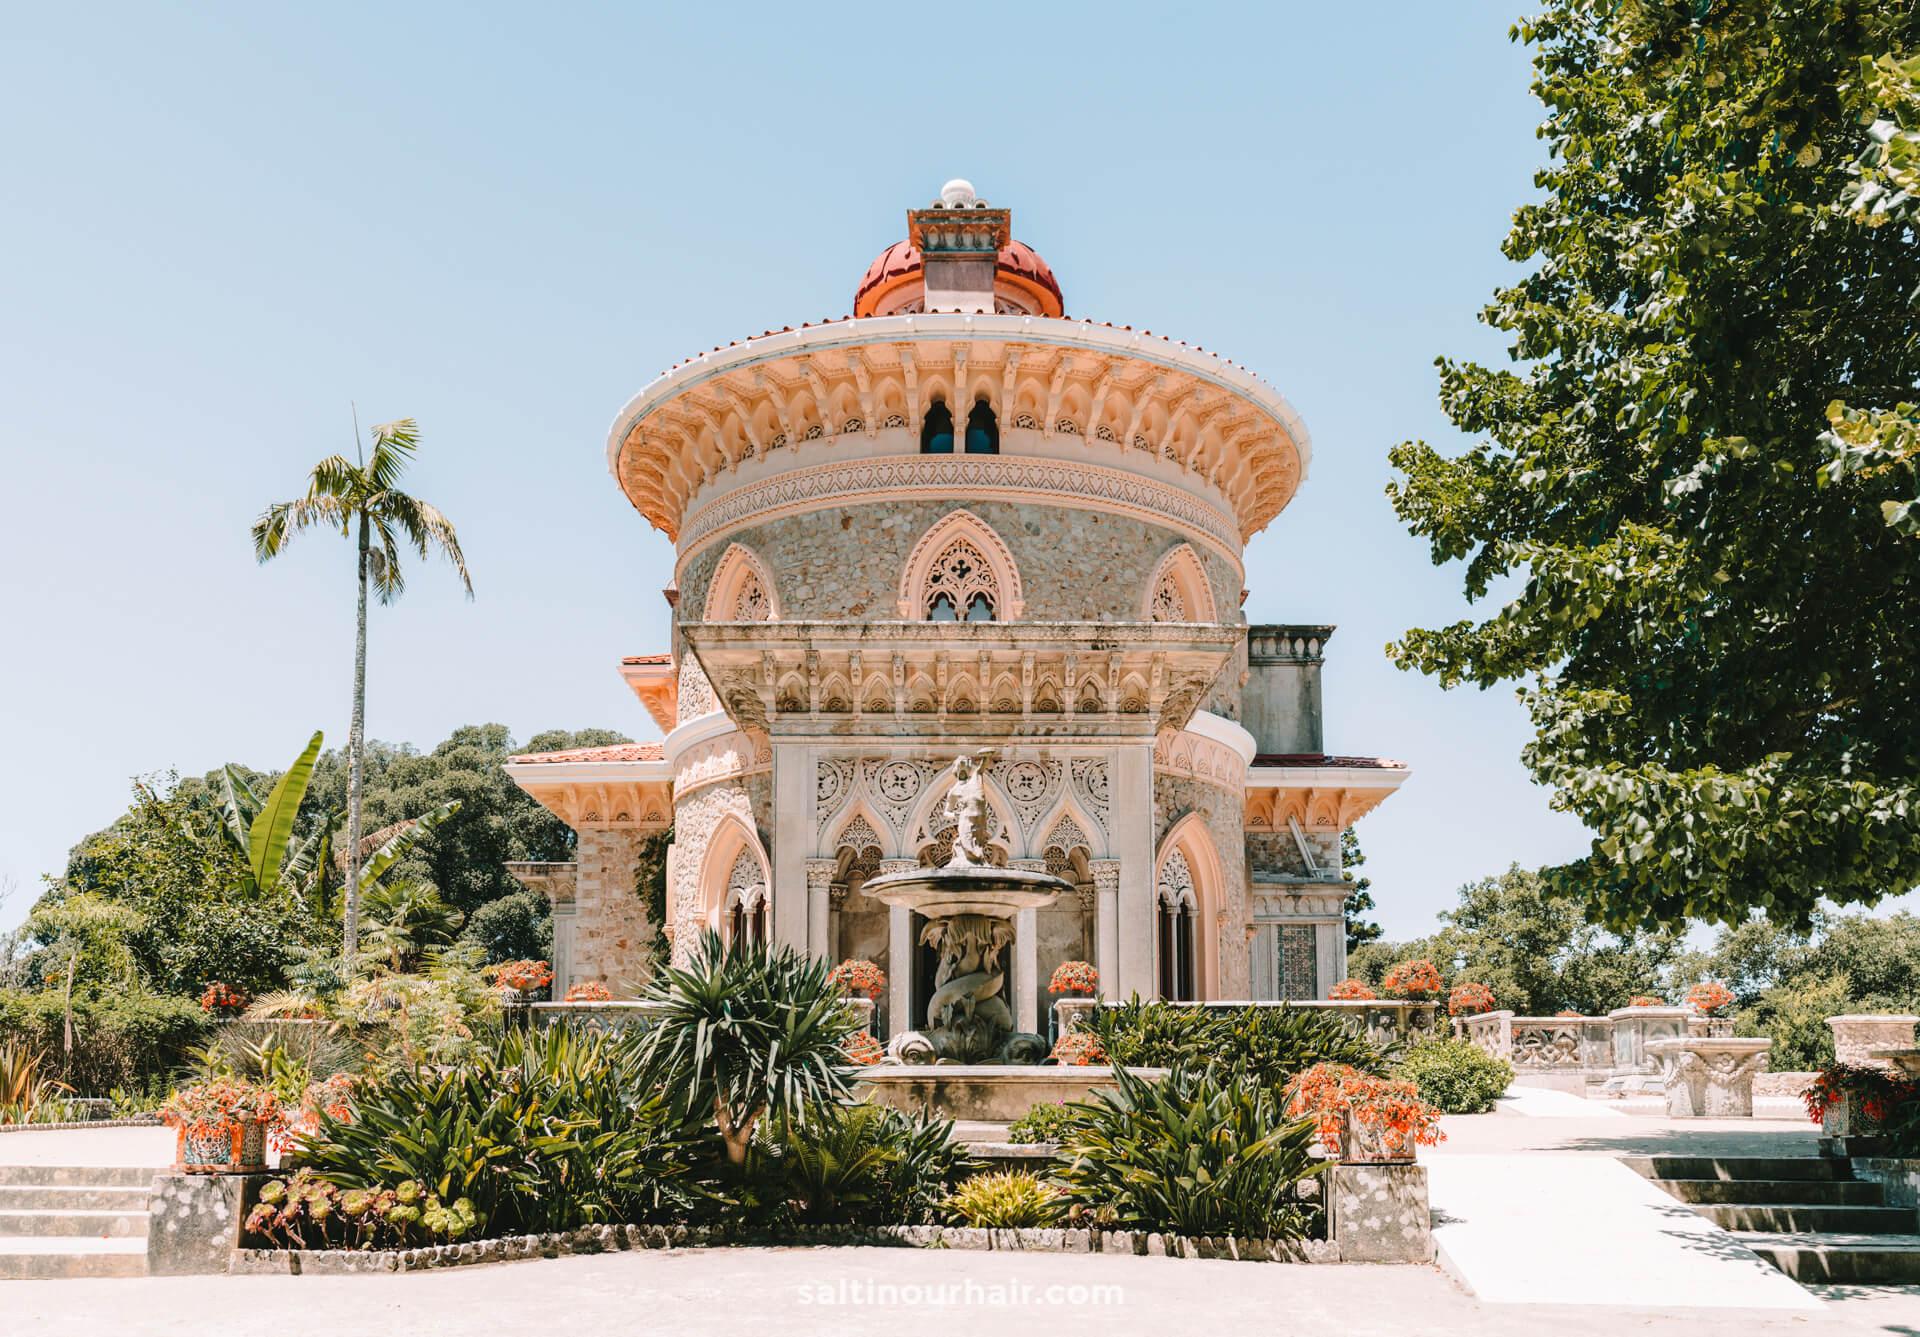 mooiste plekken in Portugal Sintra paleis